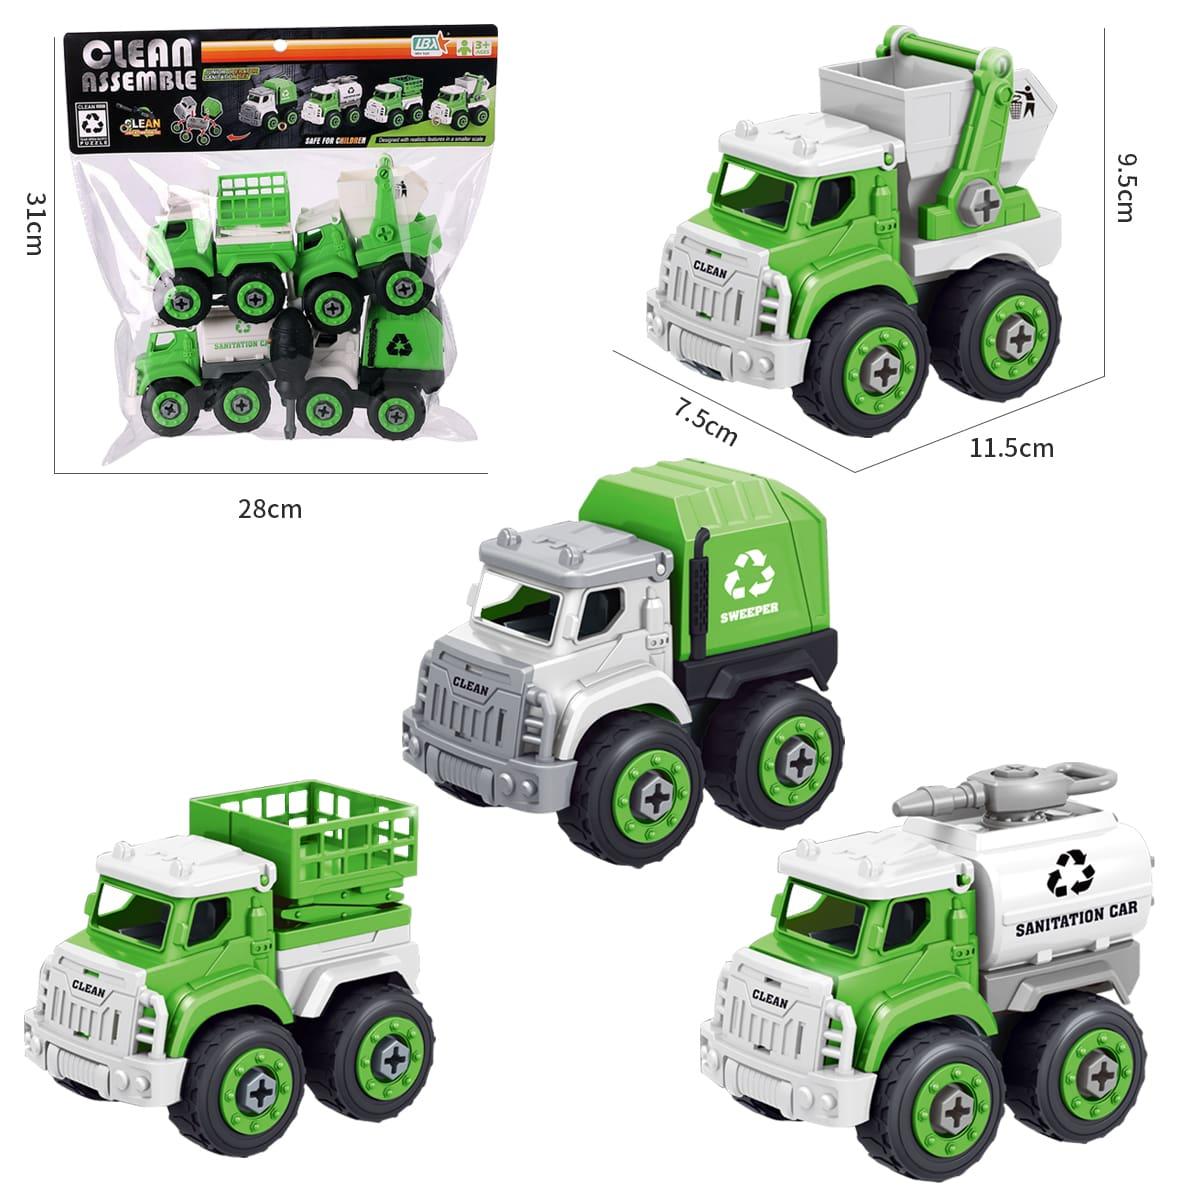 1 коробка детская игрушка-модель санитарного автомобиля в сборке